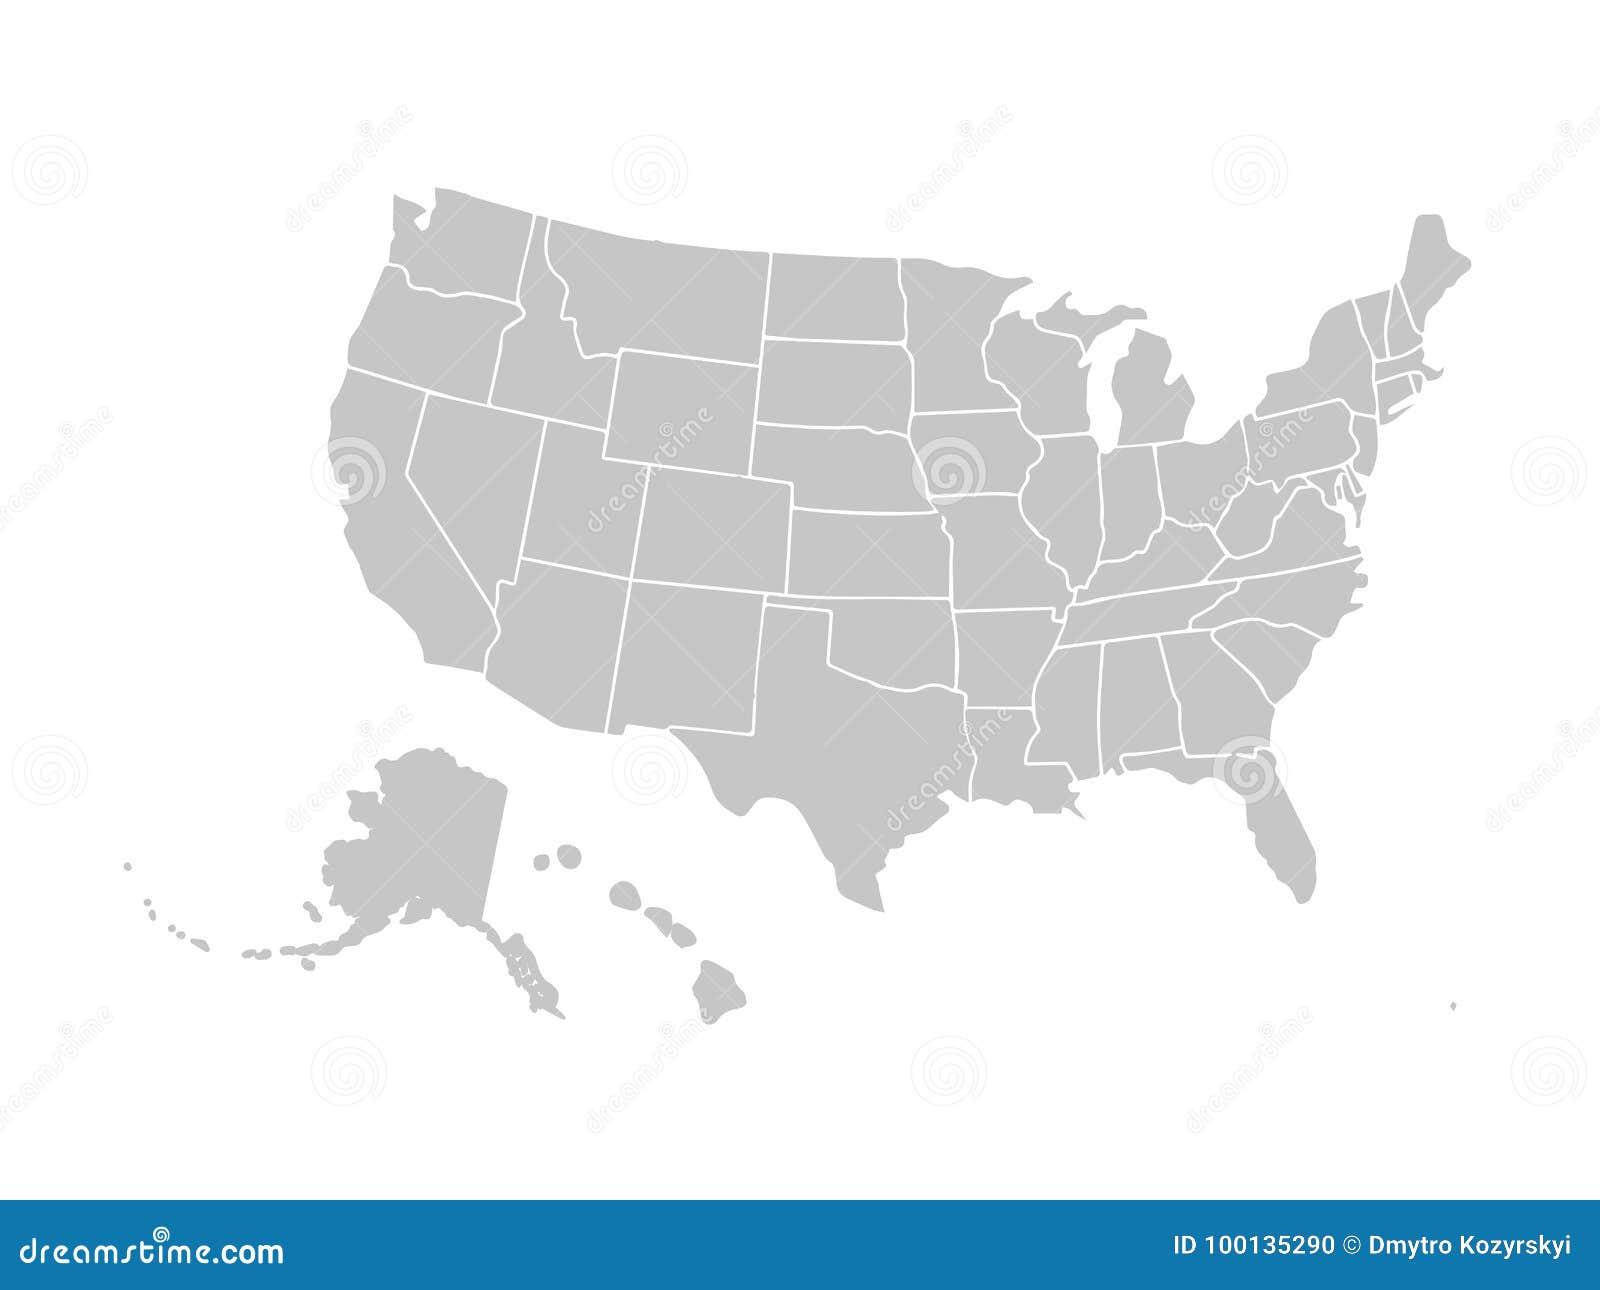 Blank Similar USA Map Isolated On White Background. United States Of ...